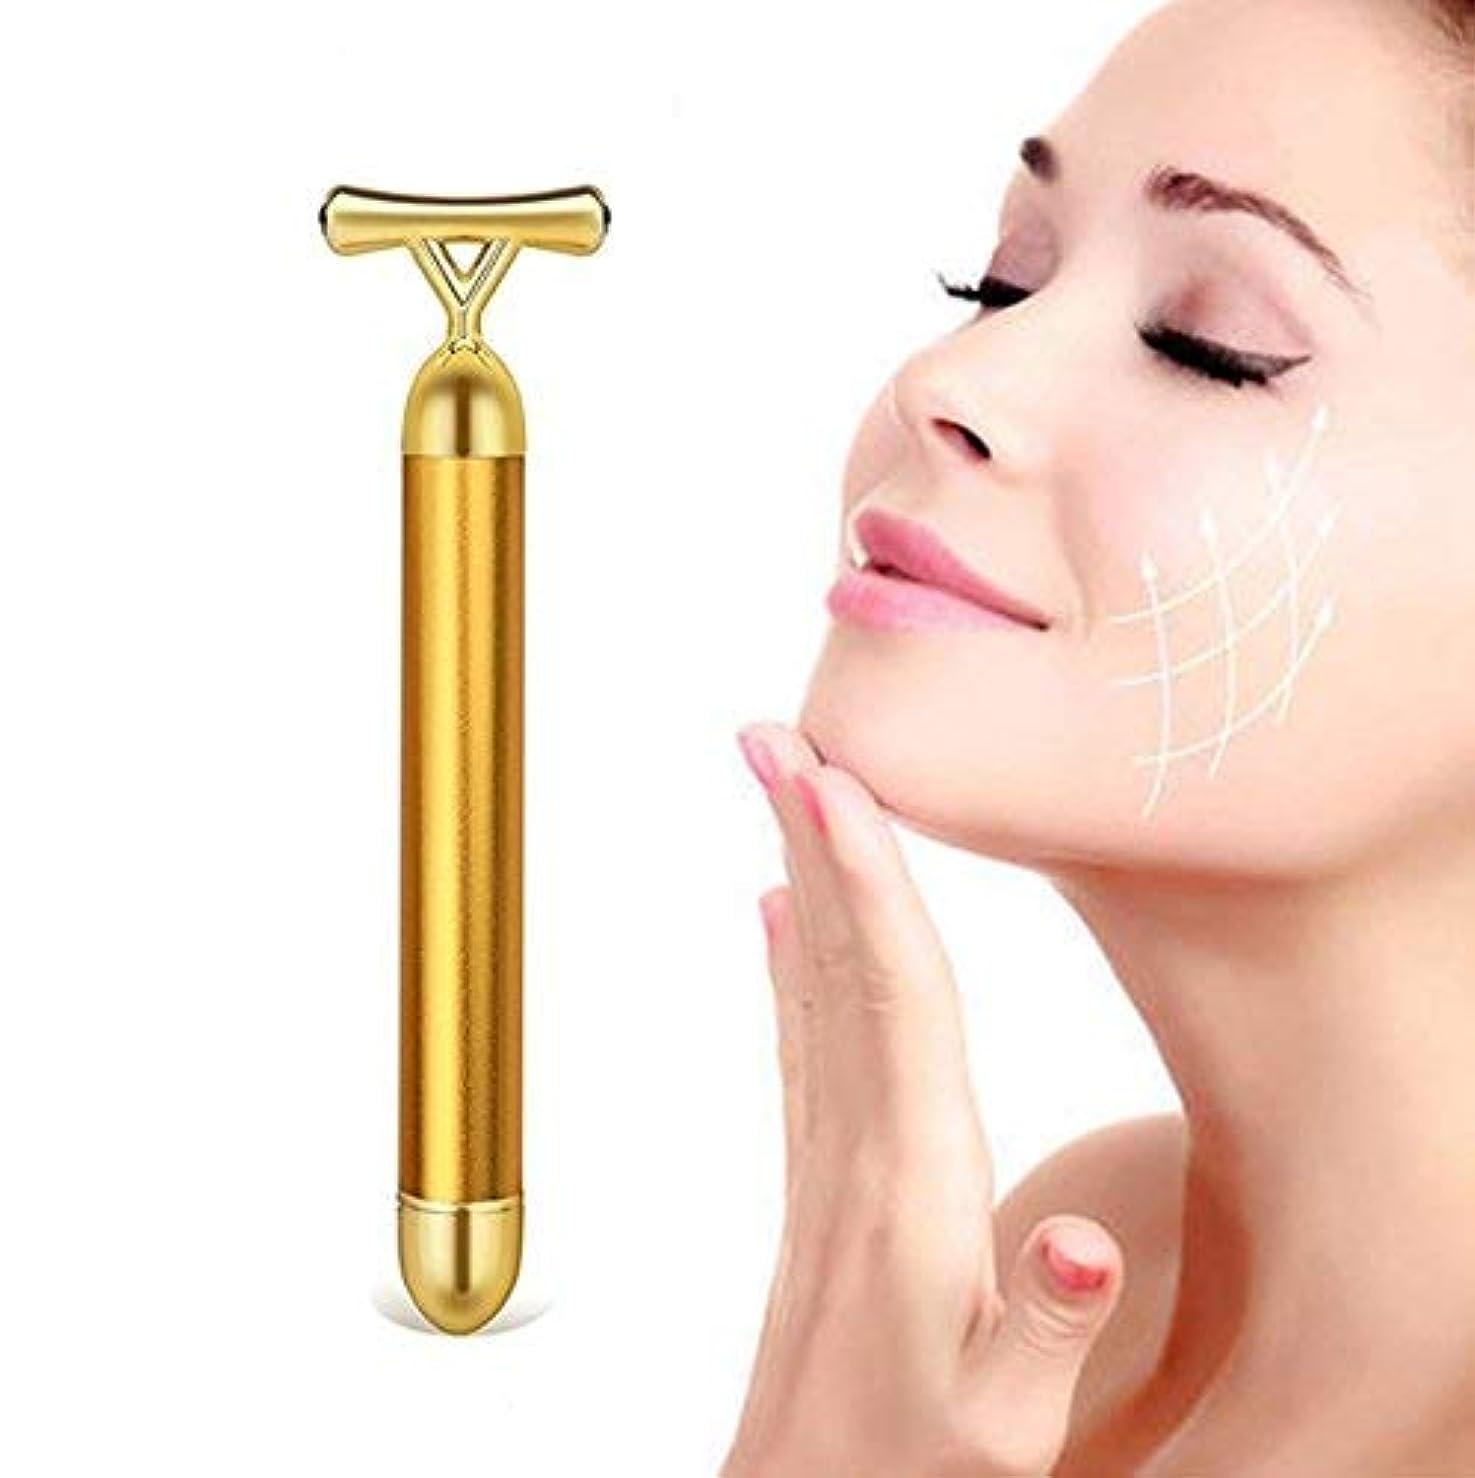 流産ラベル急性Beauty Bar 24k Golden Pulse Facial Massager Y-Shape Electric Face Massage Tools Gold Stick Skincare Wrinkle Treatment...